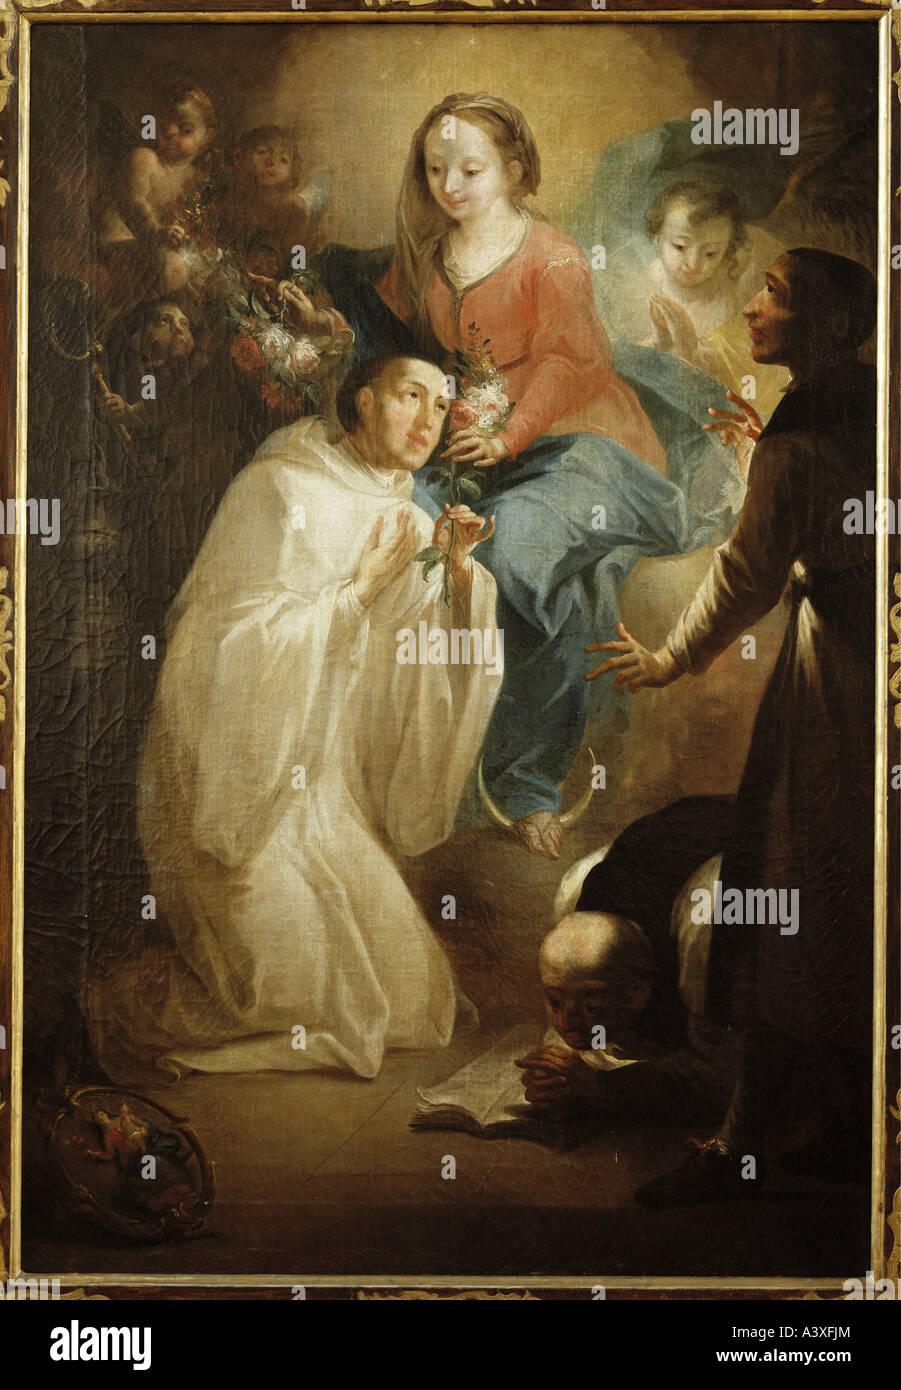 """""""Belle Arti, Brugger, Andreas, (1737 - 1812), pittura, """"Bernard e i vinti eretico Abelardo prima che la regina del Foto Stock"""